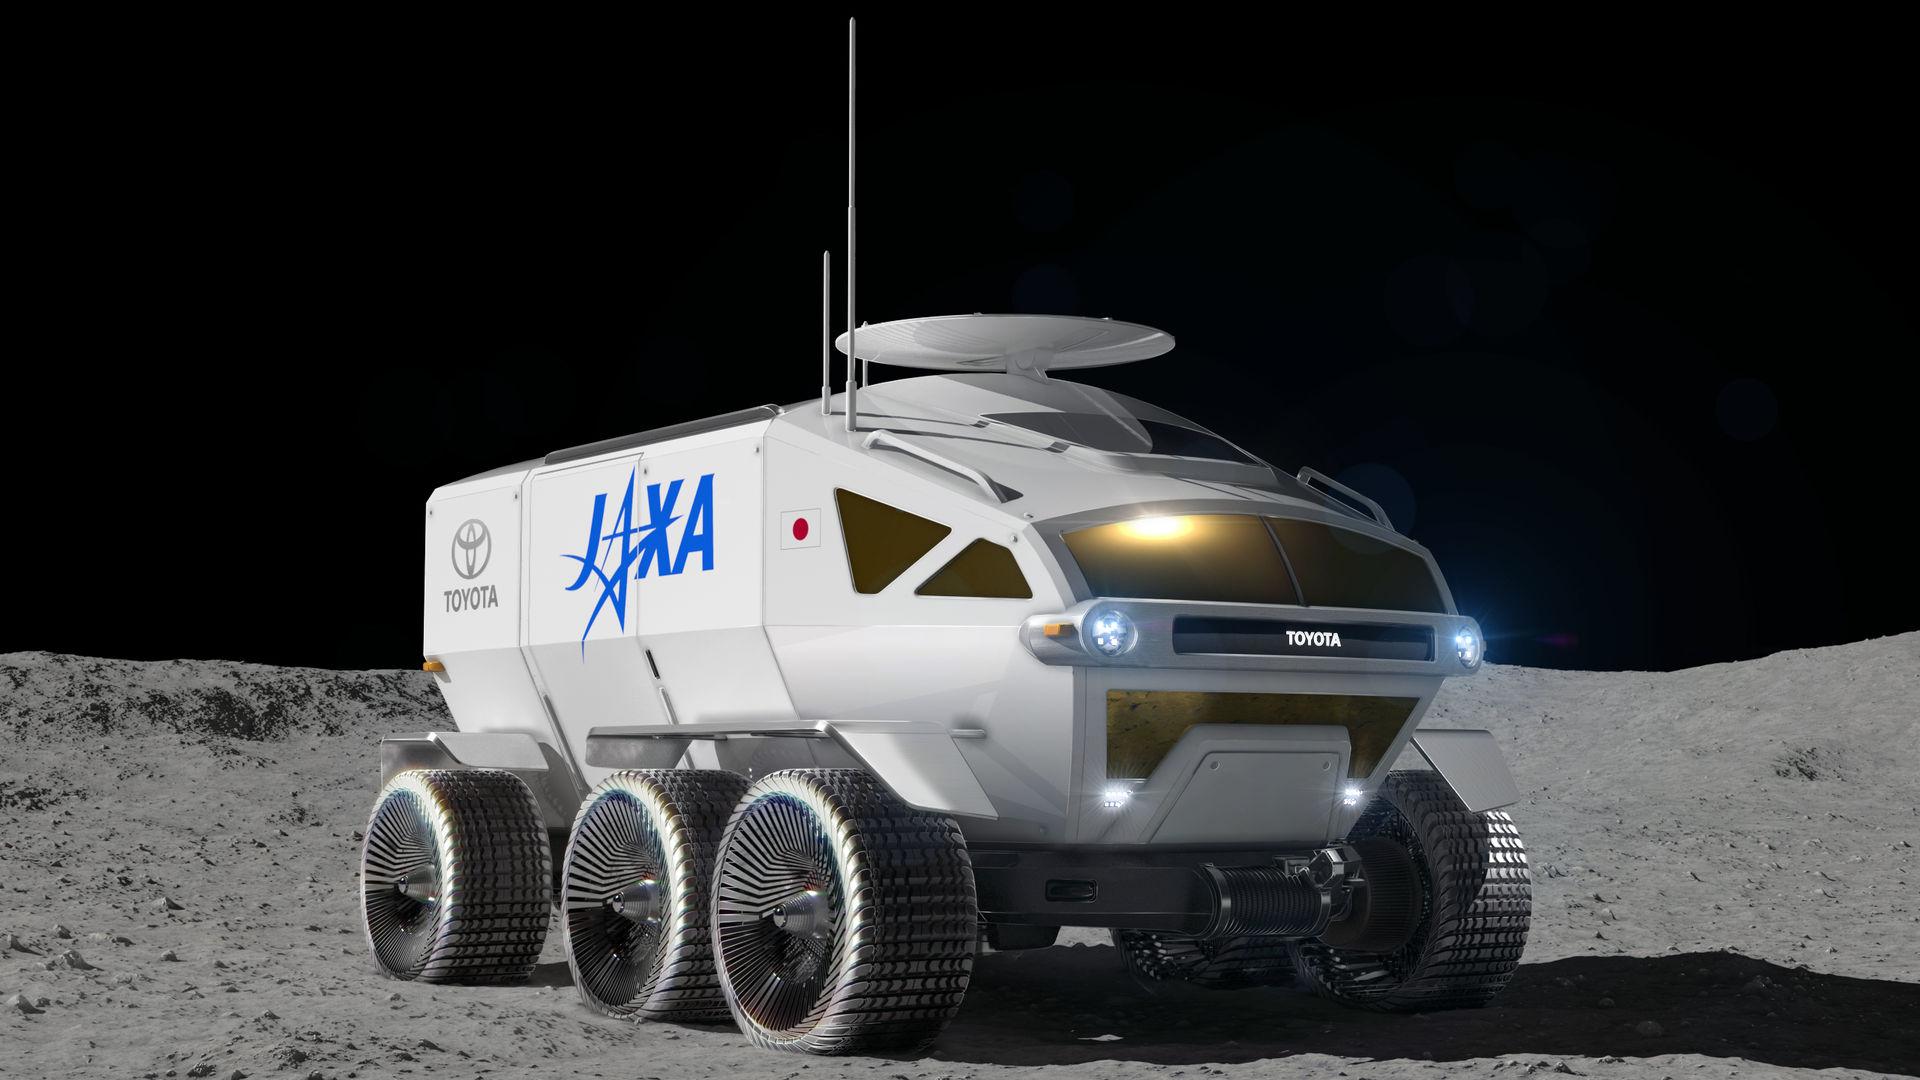 Toyota kommer att bygga Japans månlandare